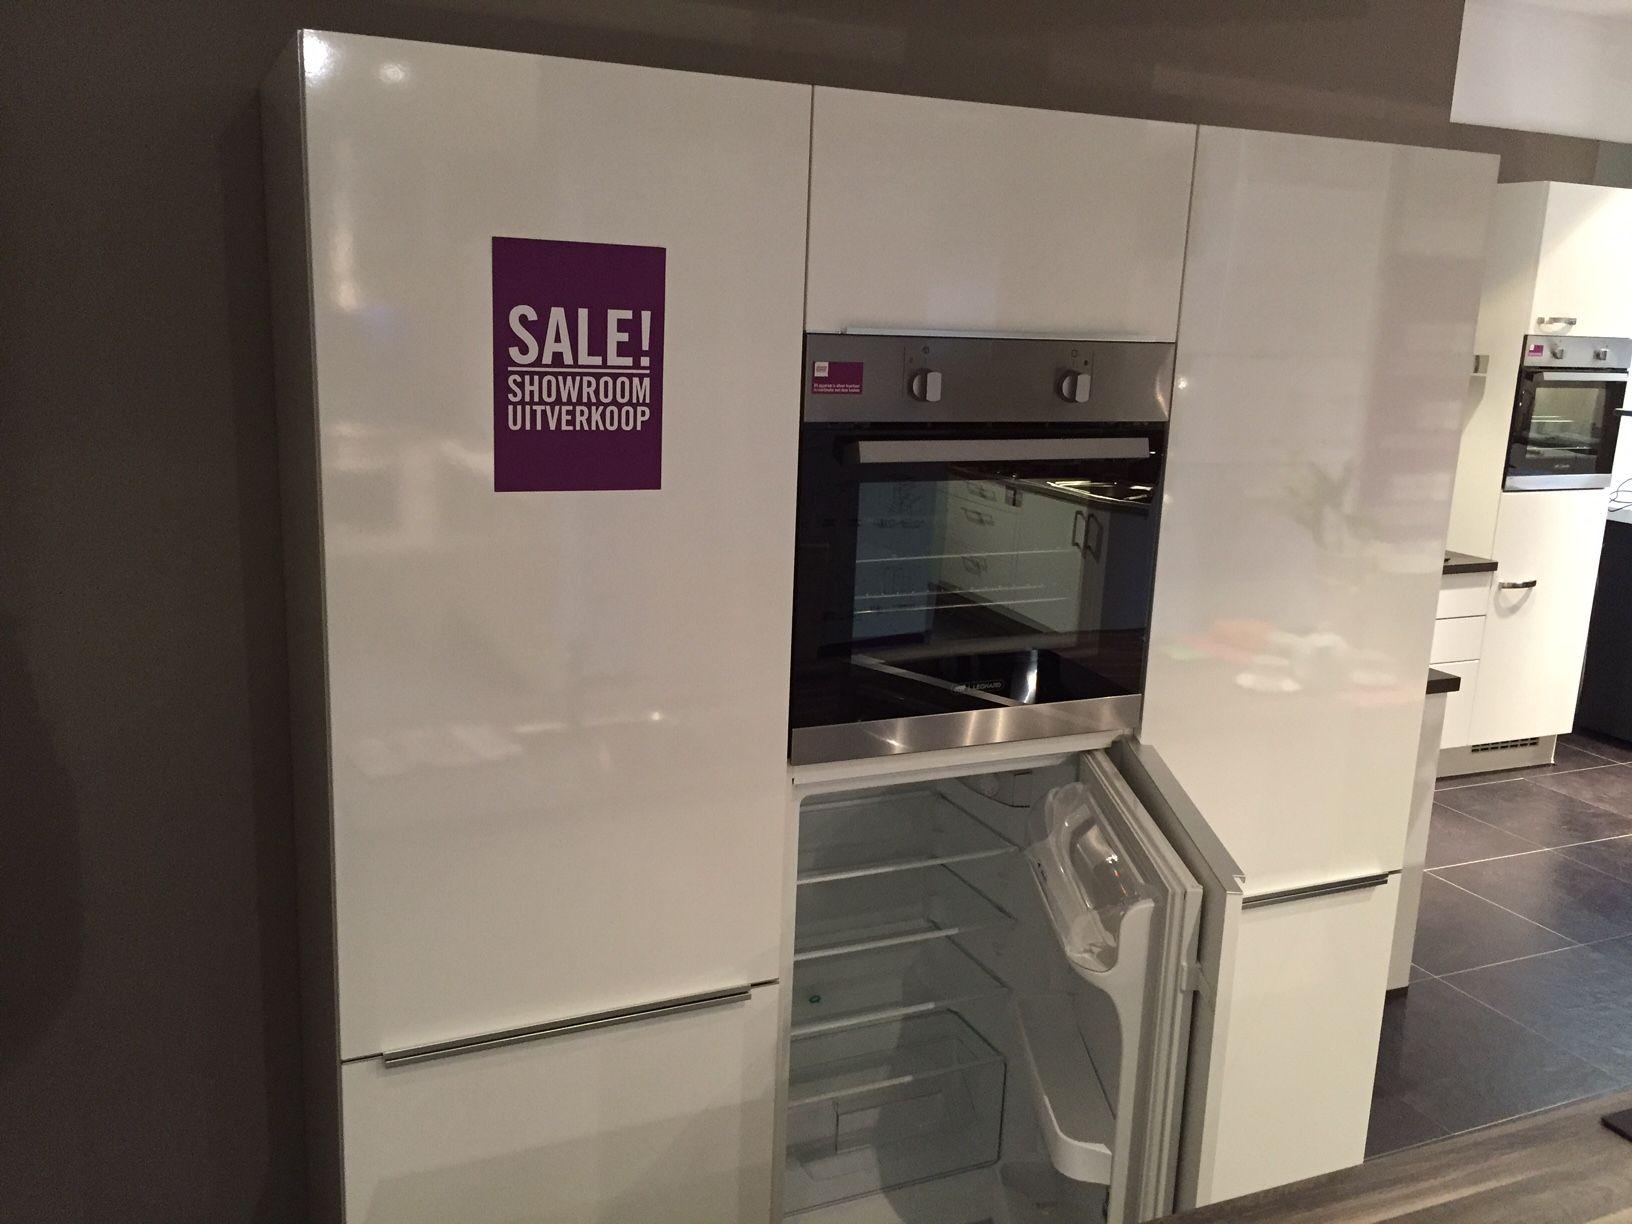 Keukens uitverkoop: keuken centrum gt acties showroom keukens in ...